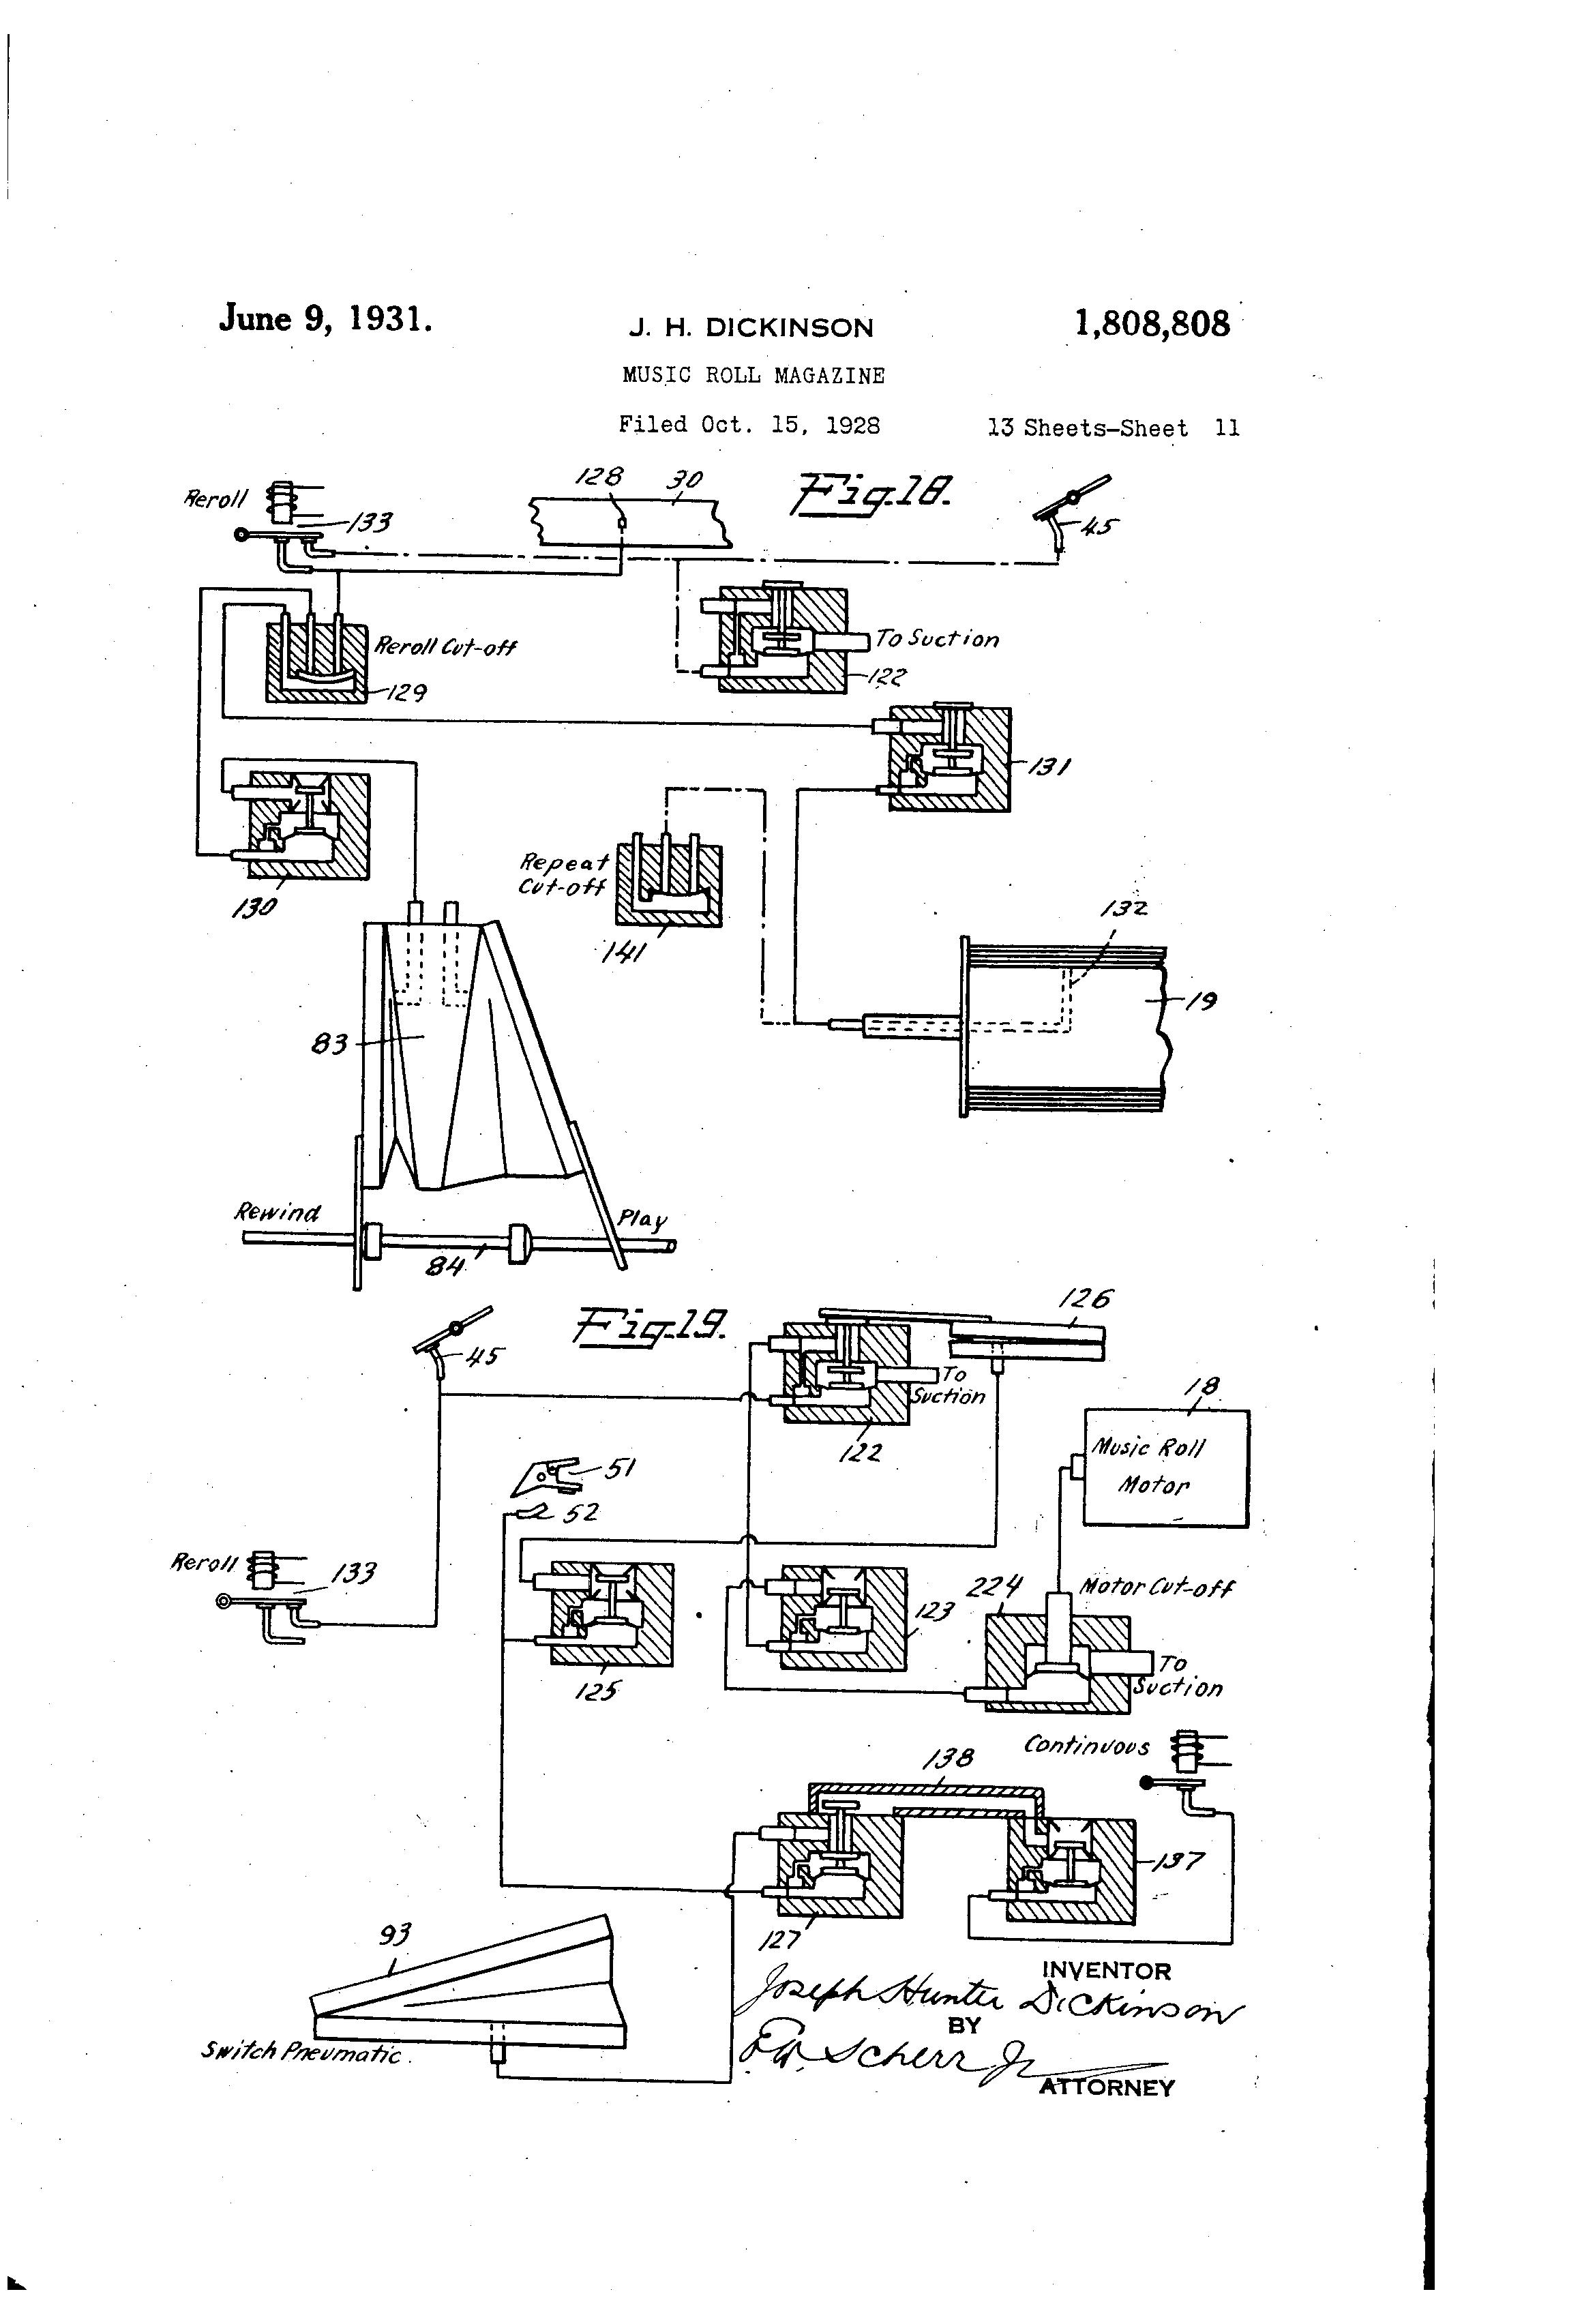 Trim Tab Switch Wiring Diagram Additionally Insta Trim Wiring Diagram